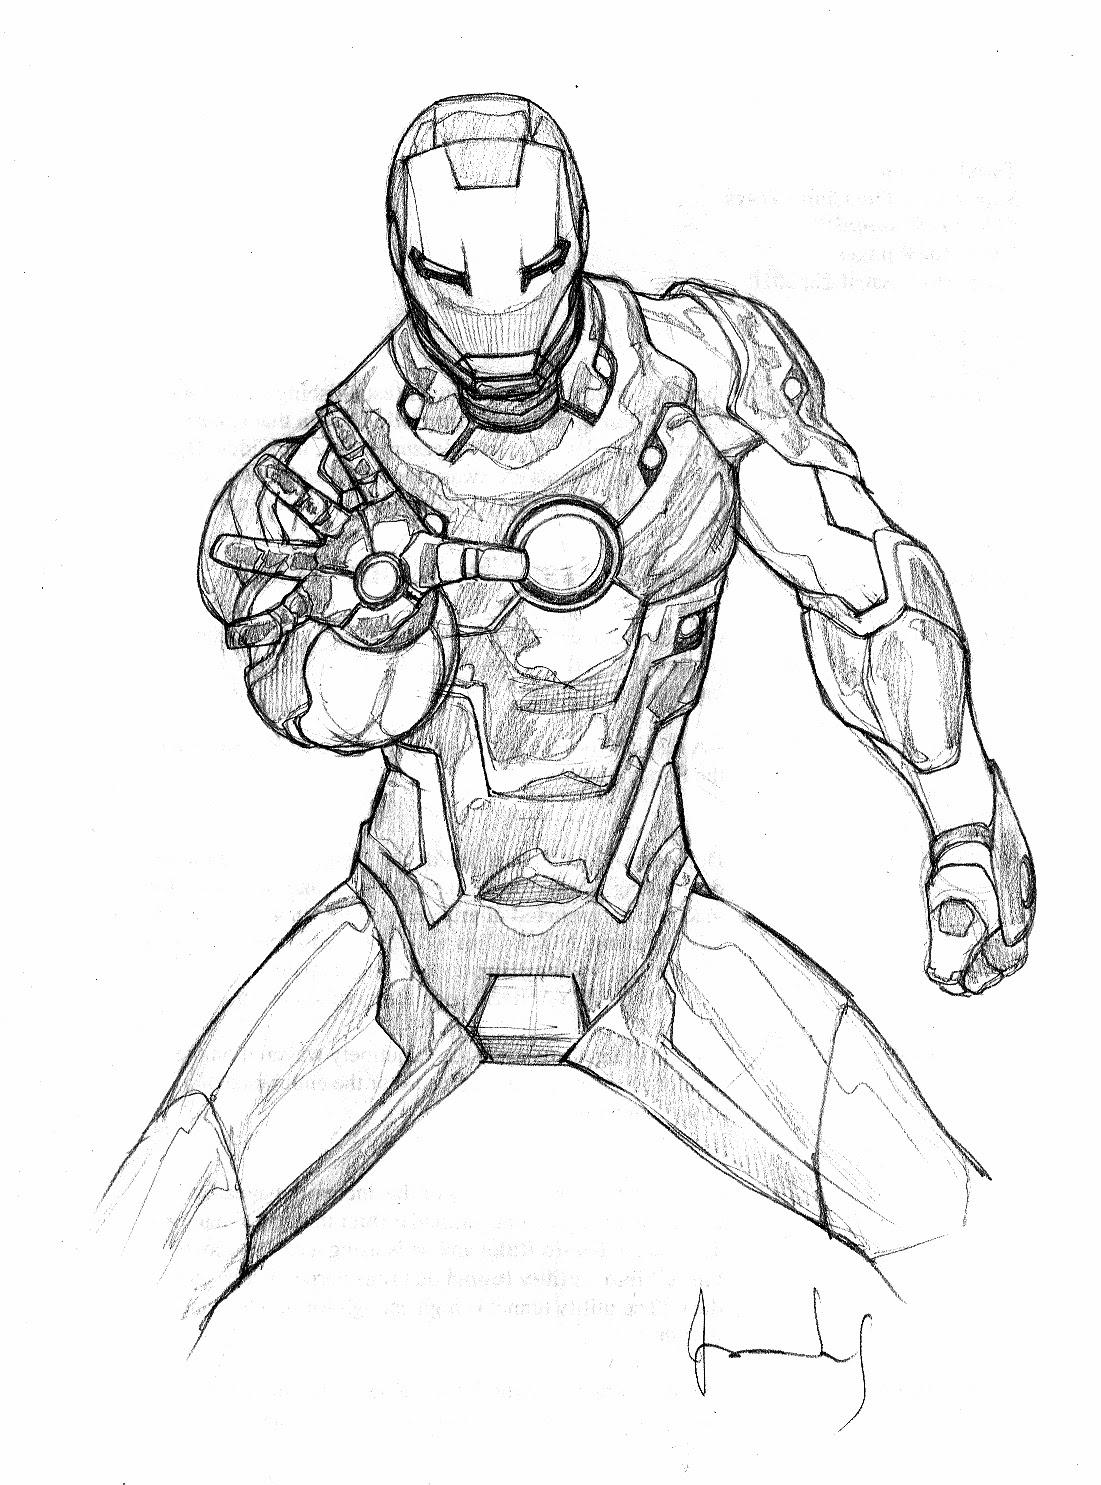 Disegni Da Colorare Con Iron Man.Iron Man Da Colorare E Stampare